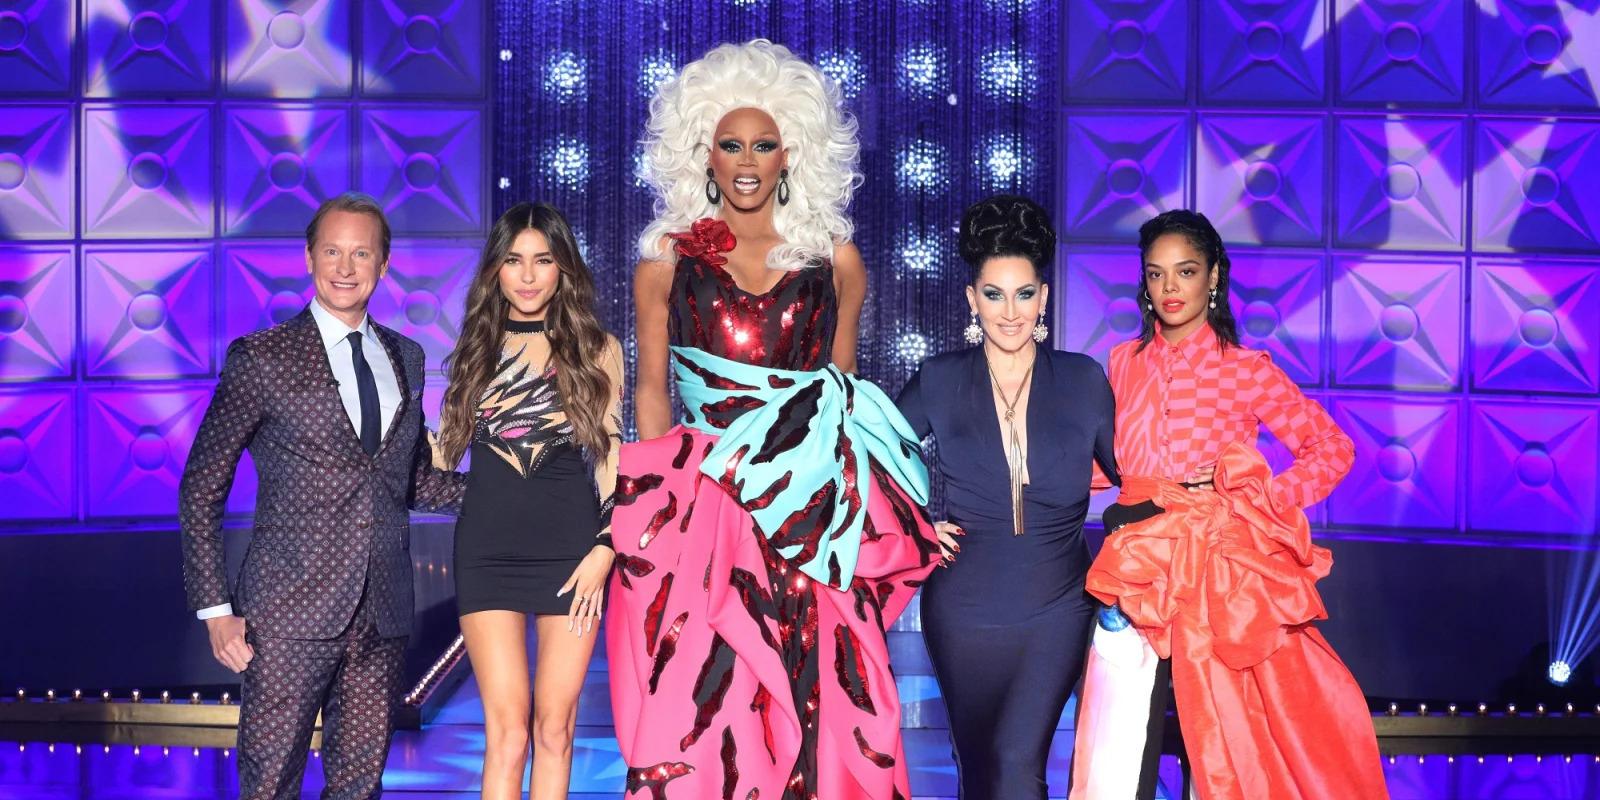 RuPaul's Drag Race All Stars Season 5 Episode 3